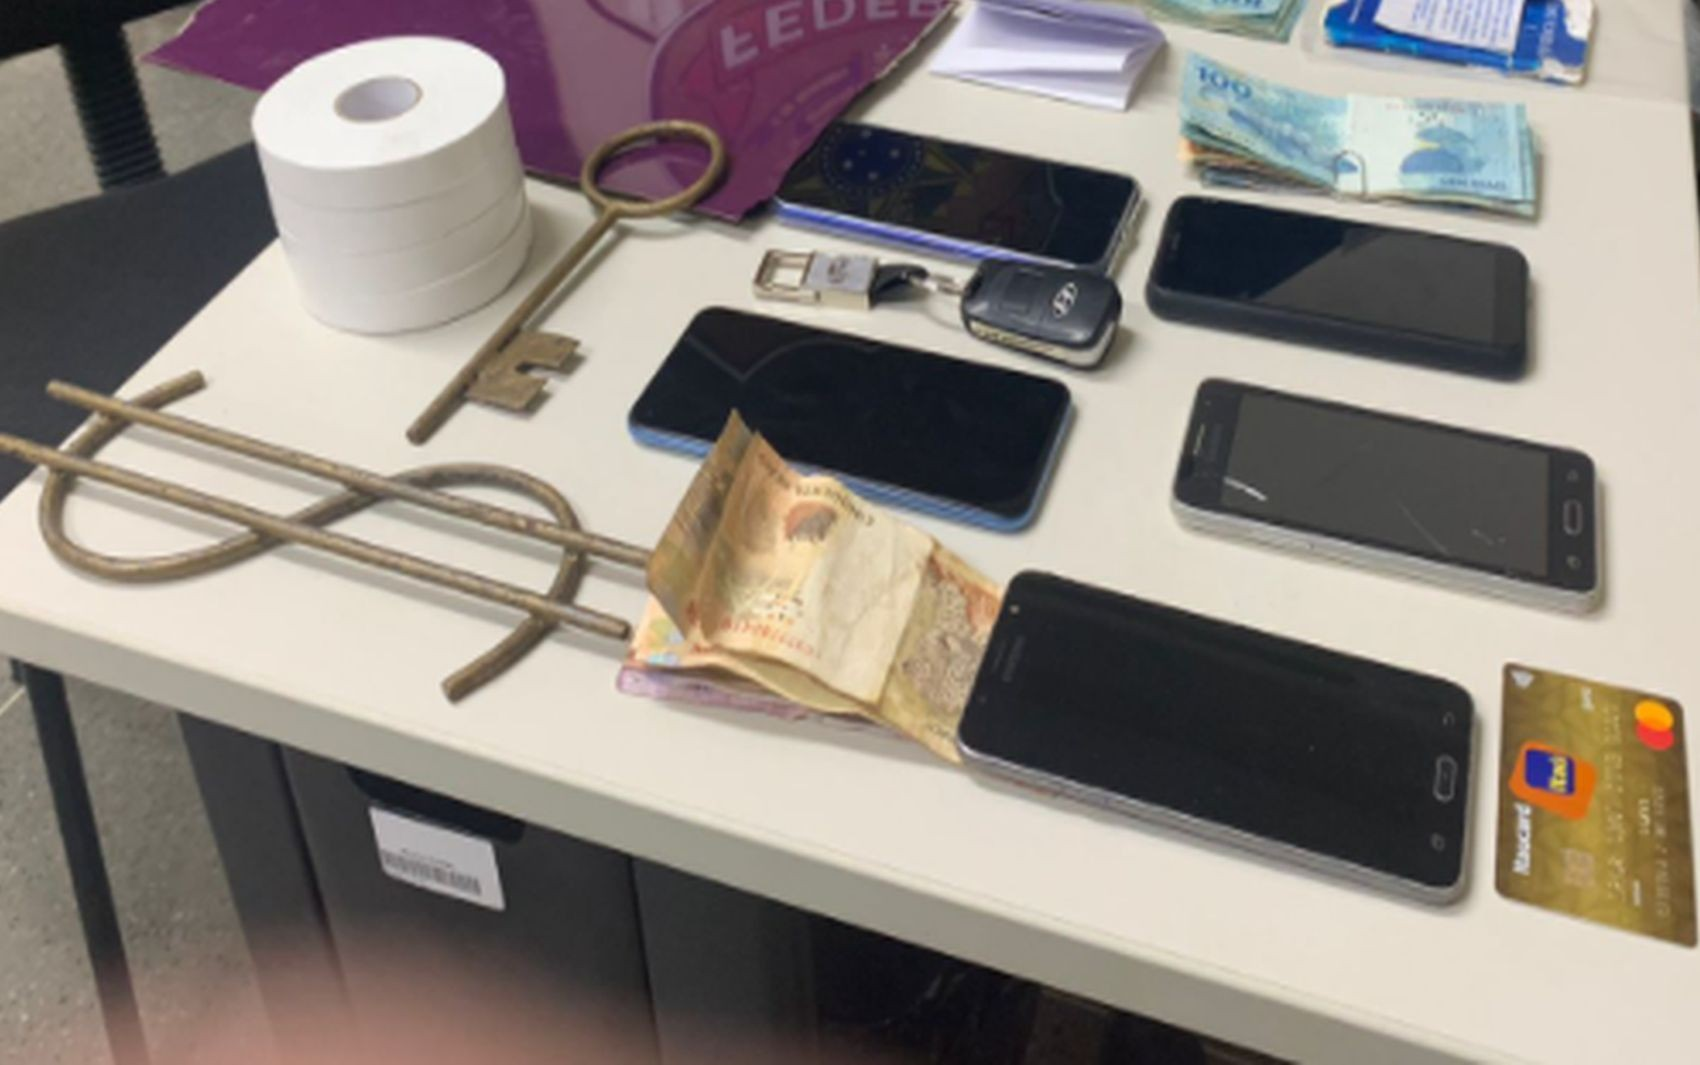 Três pessoas são presas suspeitas de furtar caixa eletrônico na cidade de Lagarto em Sergipe